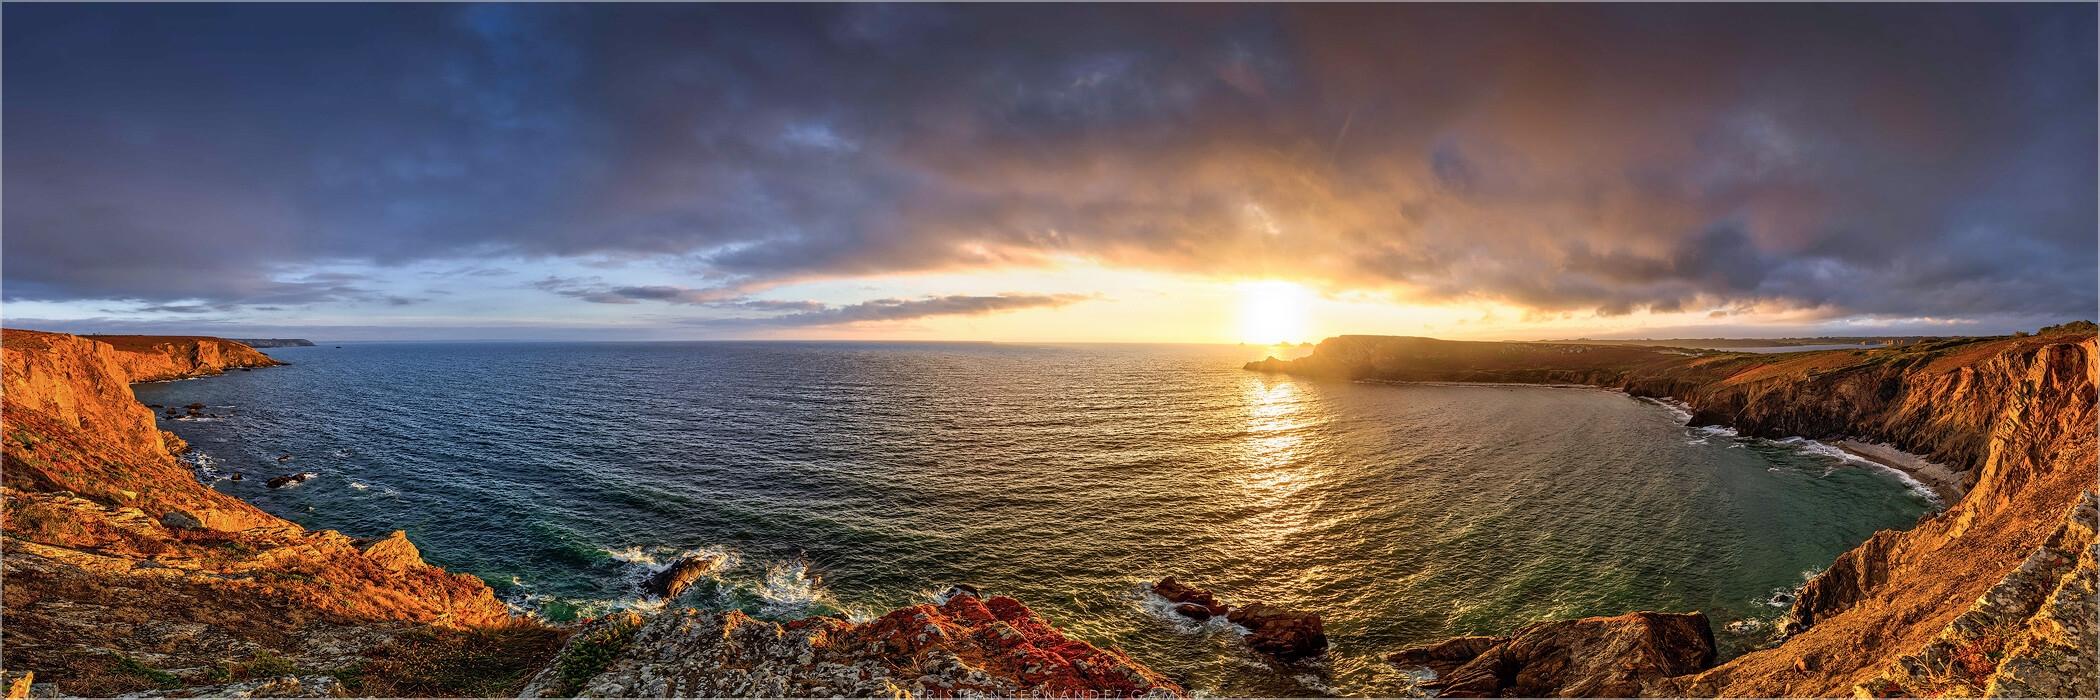 Panoramafoto An der Atlantikküste der Bretagne